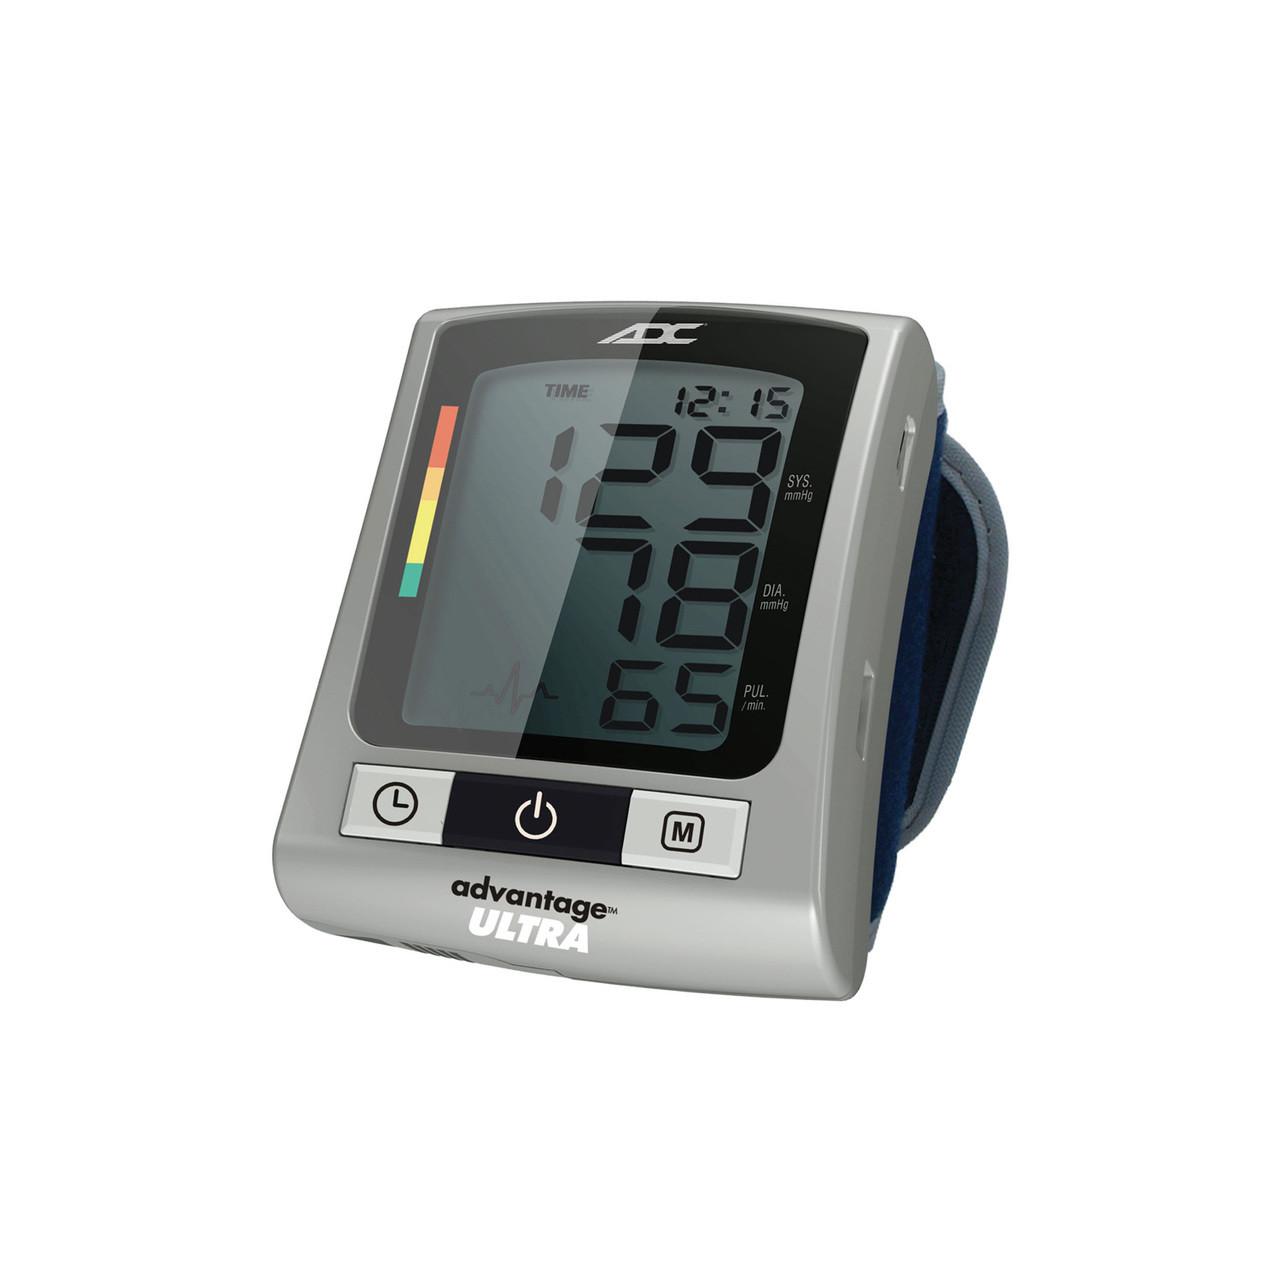 ADC 6016N Advantage Ultra Wrist Digital BP Monitor